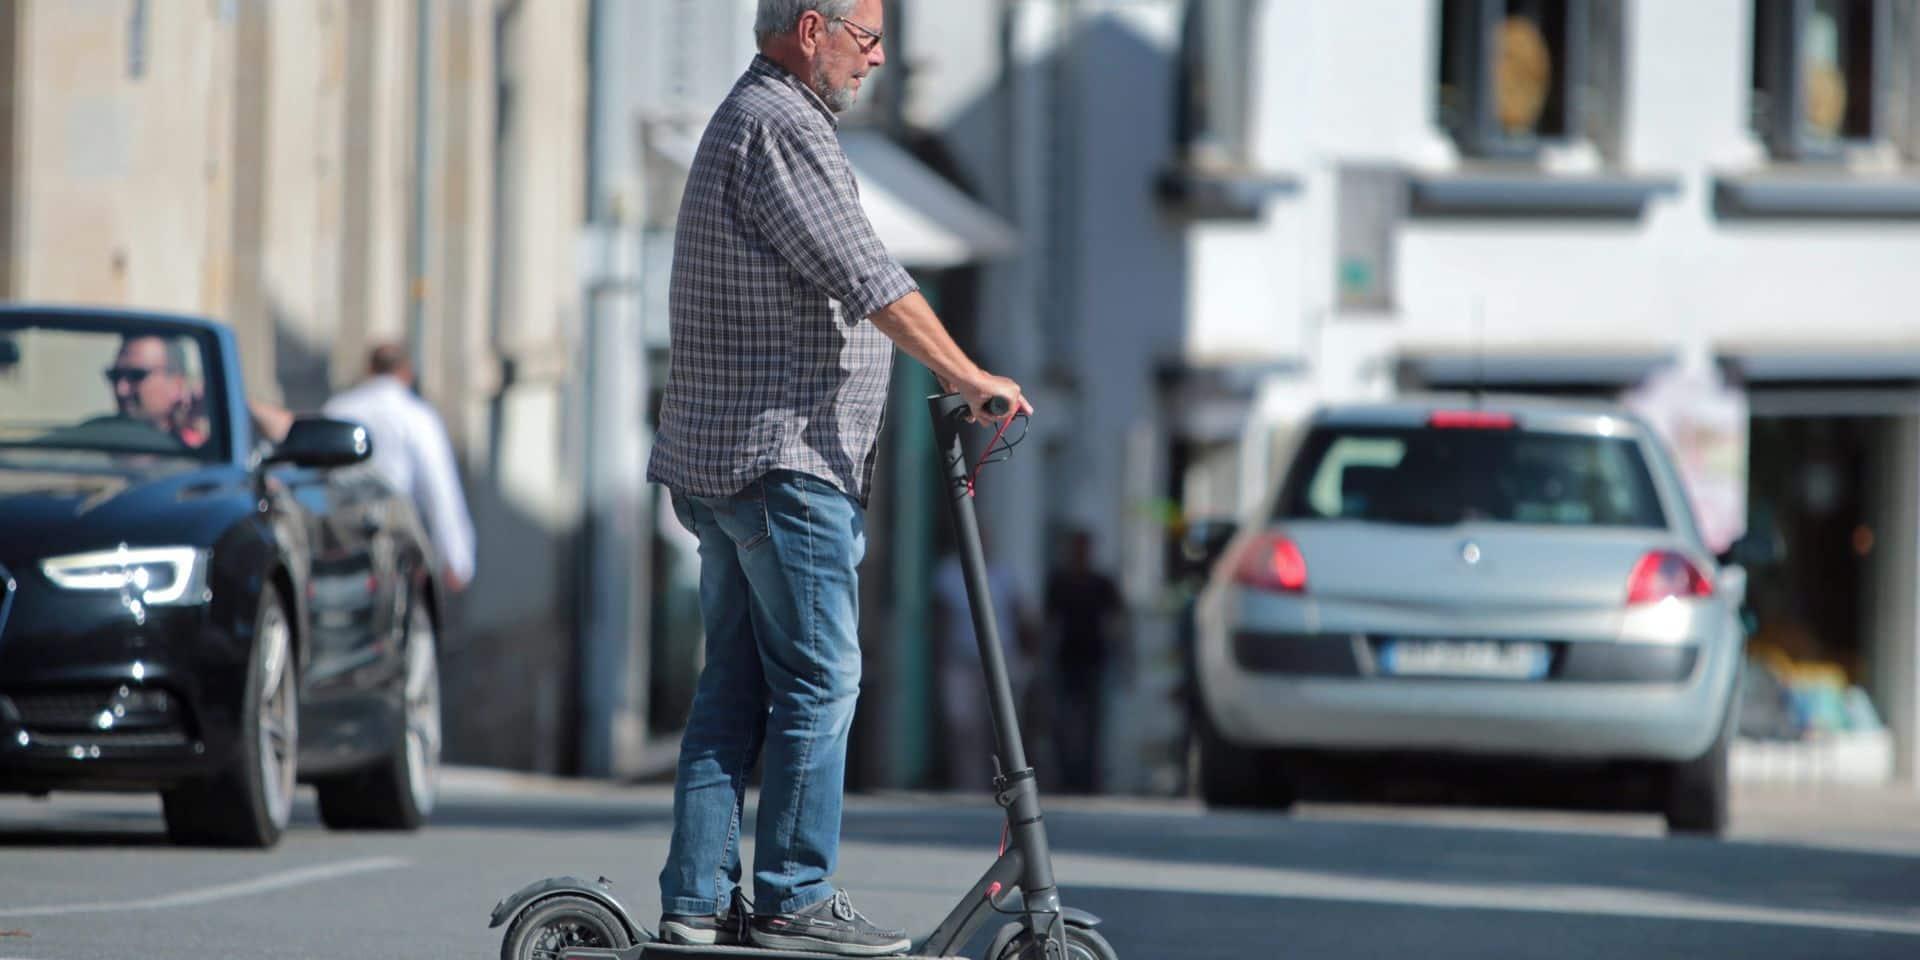 La trottinette électrique n'est pas le moyen de transport le moins polluant